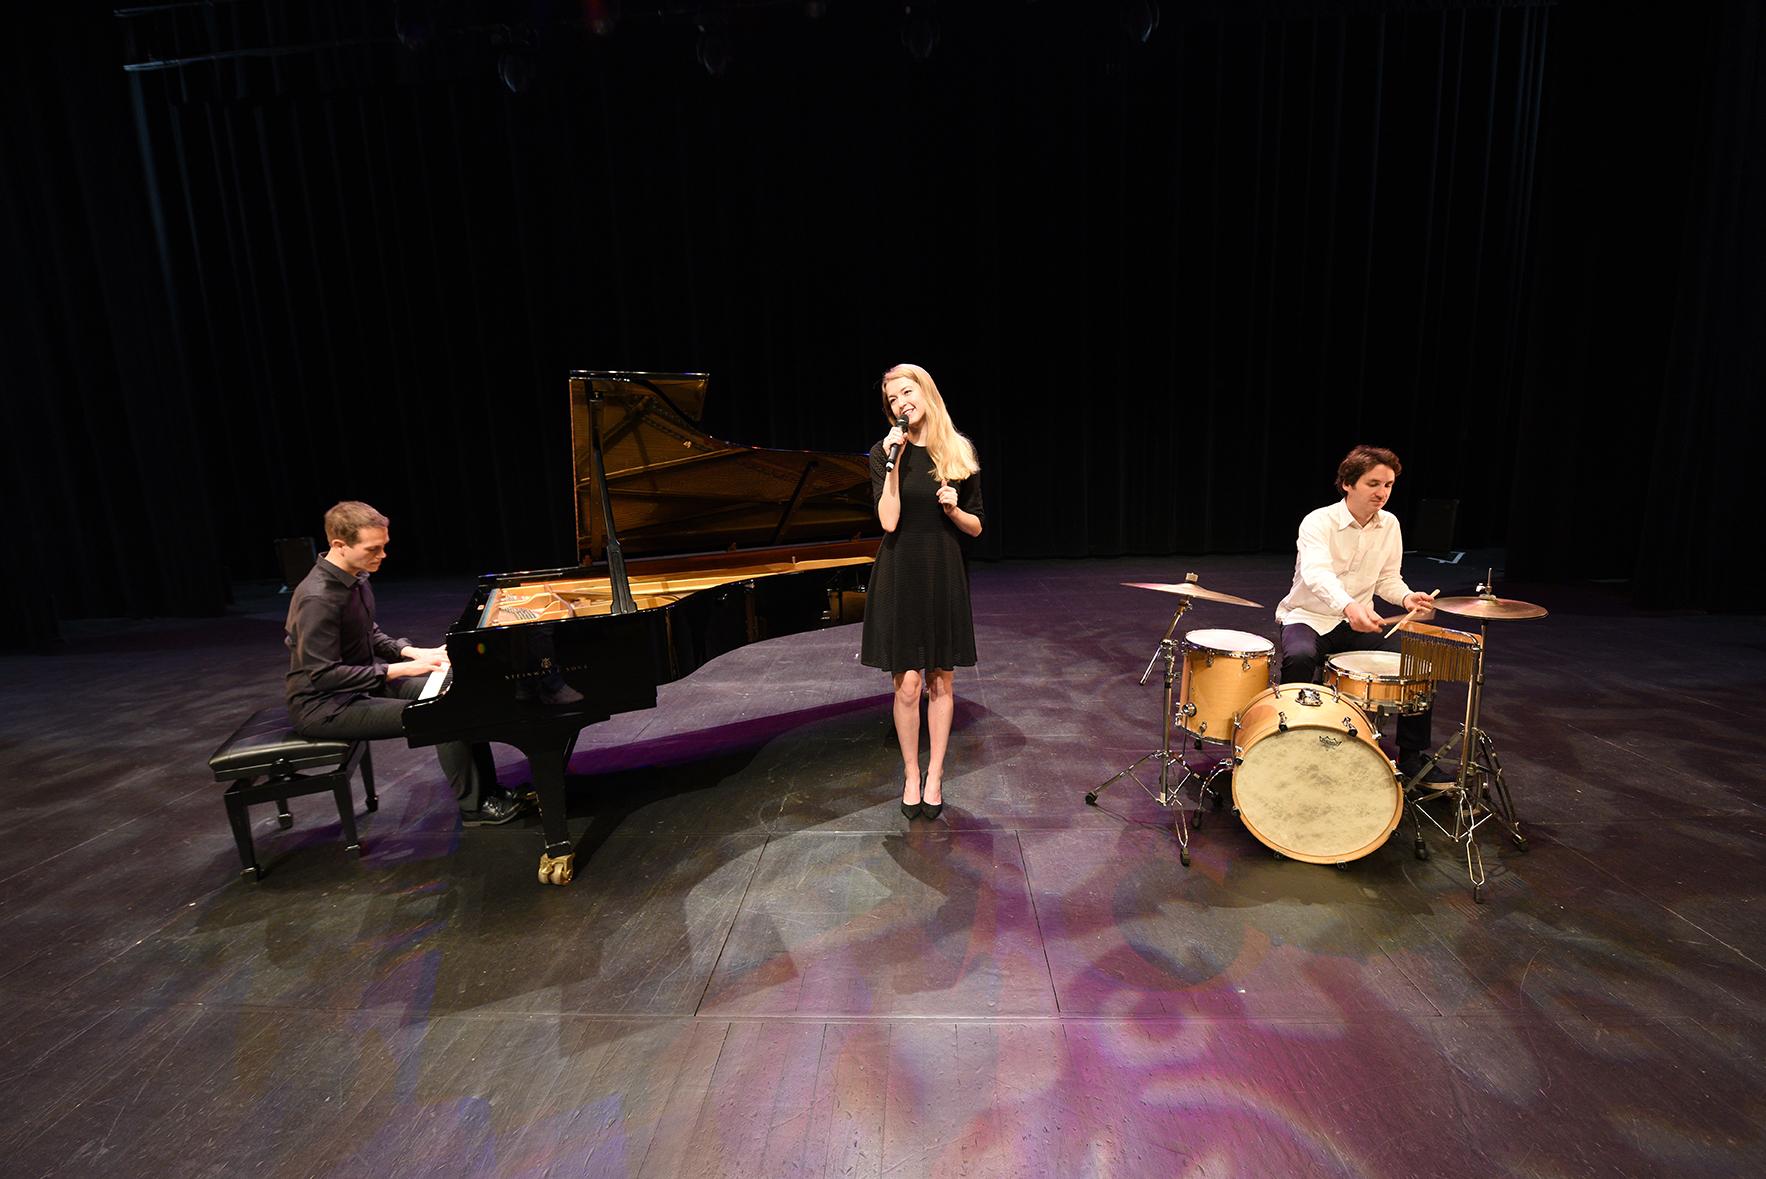 Musiciens pour événementiel INDRE ET LOIRE Tours Amboise Chinon •cocktail pop jazz lounge • reprises variété internationale •Bretagne Normandie